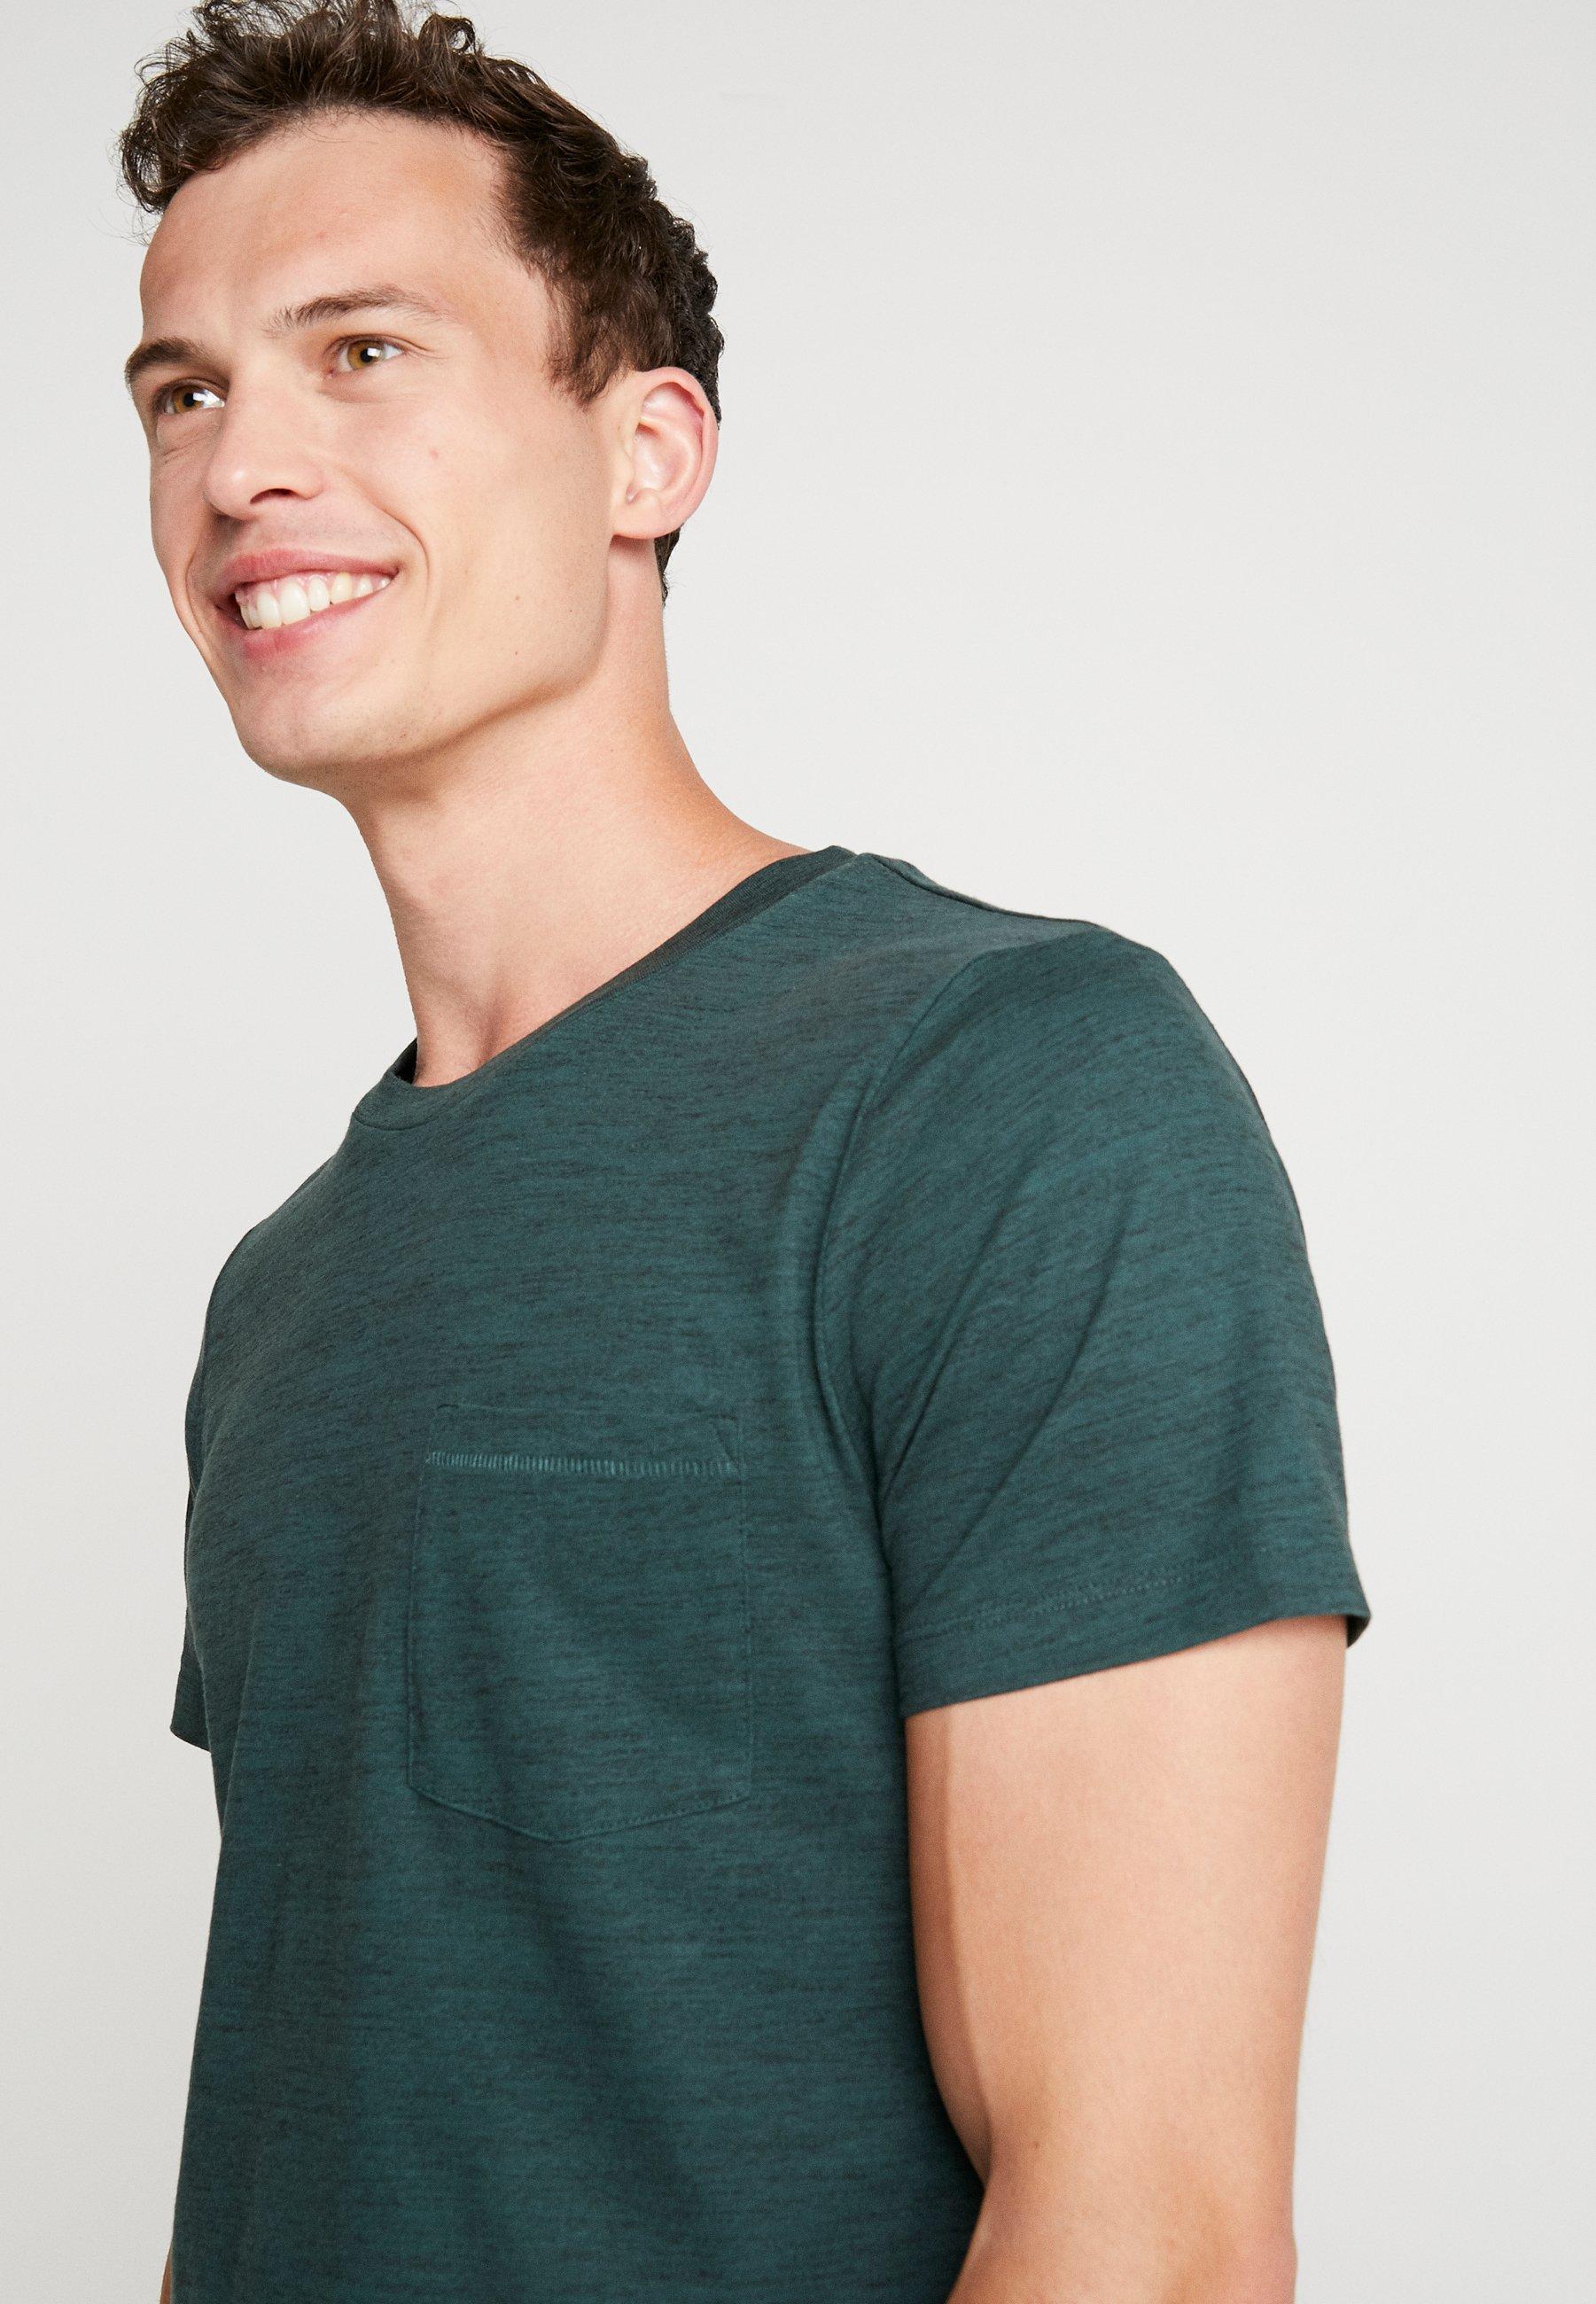 NosT Tom shirt Tailor Green Basique Gable Denim Dark 45qRLAjc3